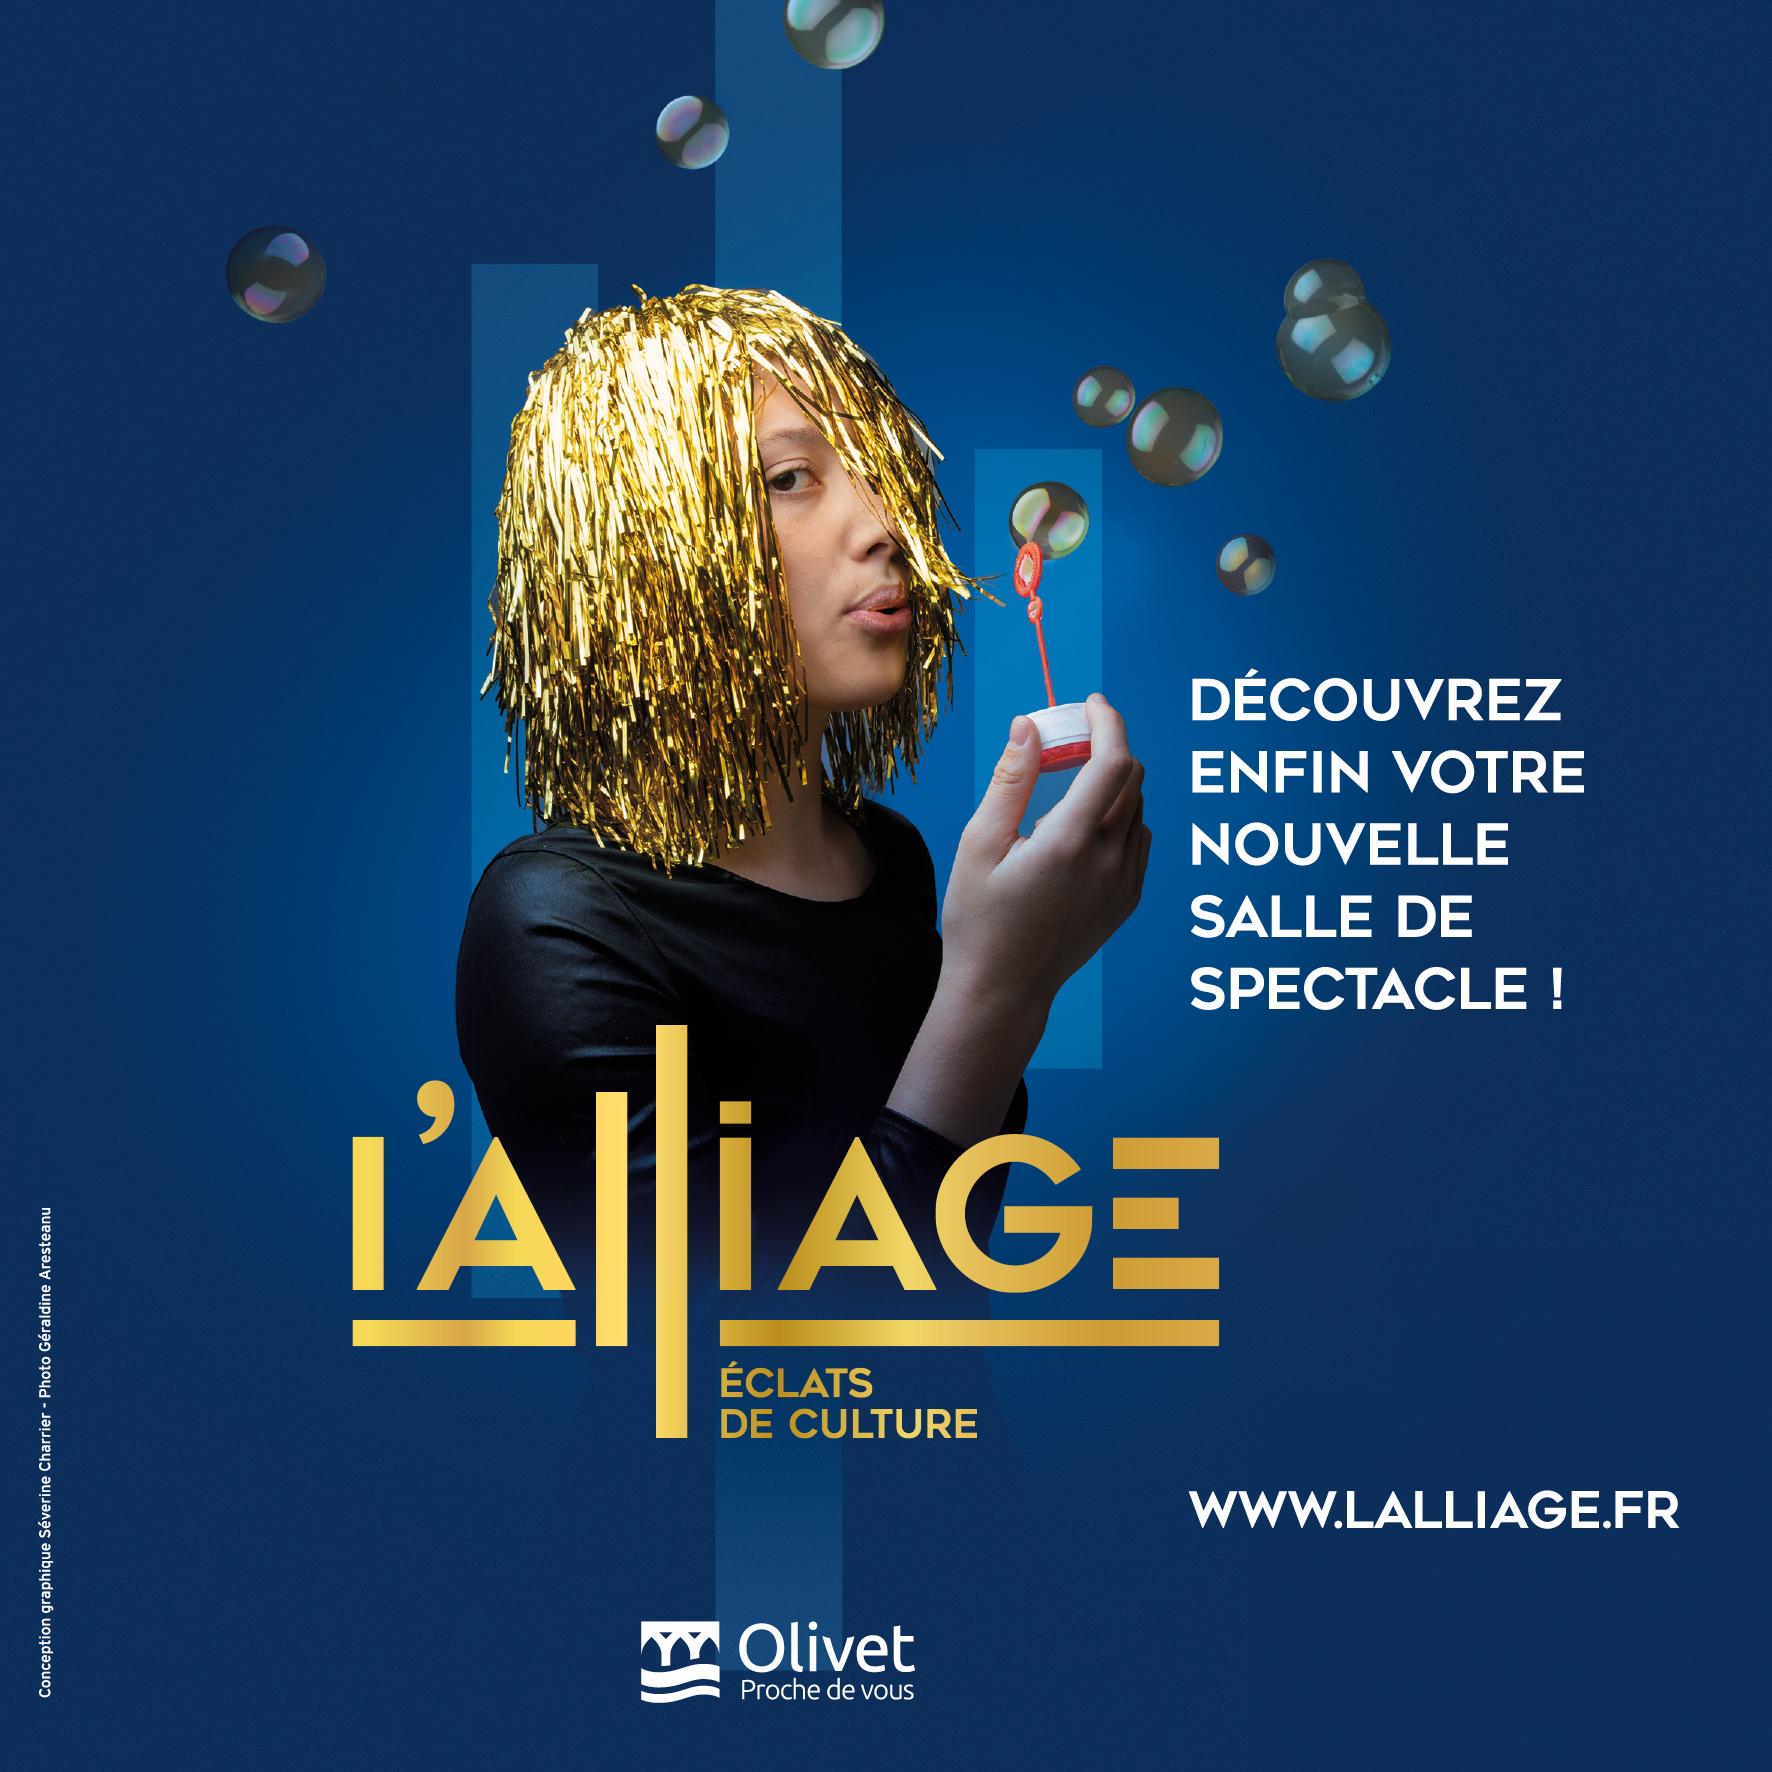 L'Alliage nouvelle salle de spectacle à olivet - Orléans Métropole